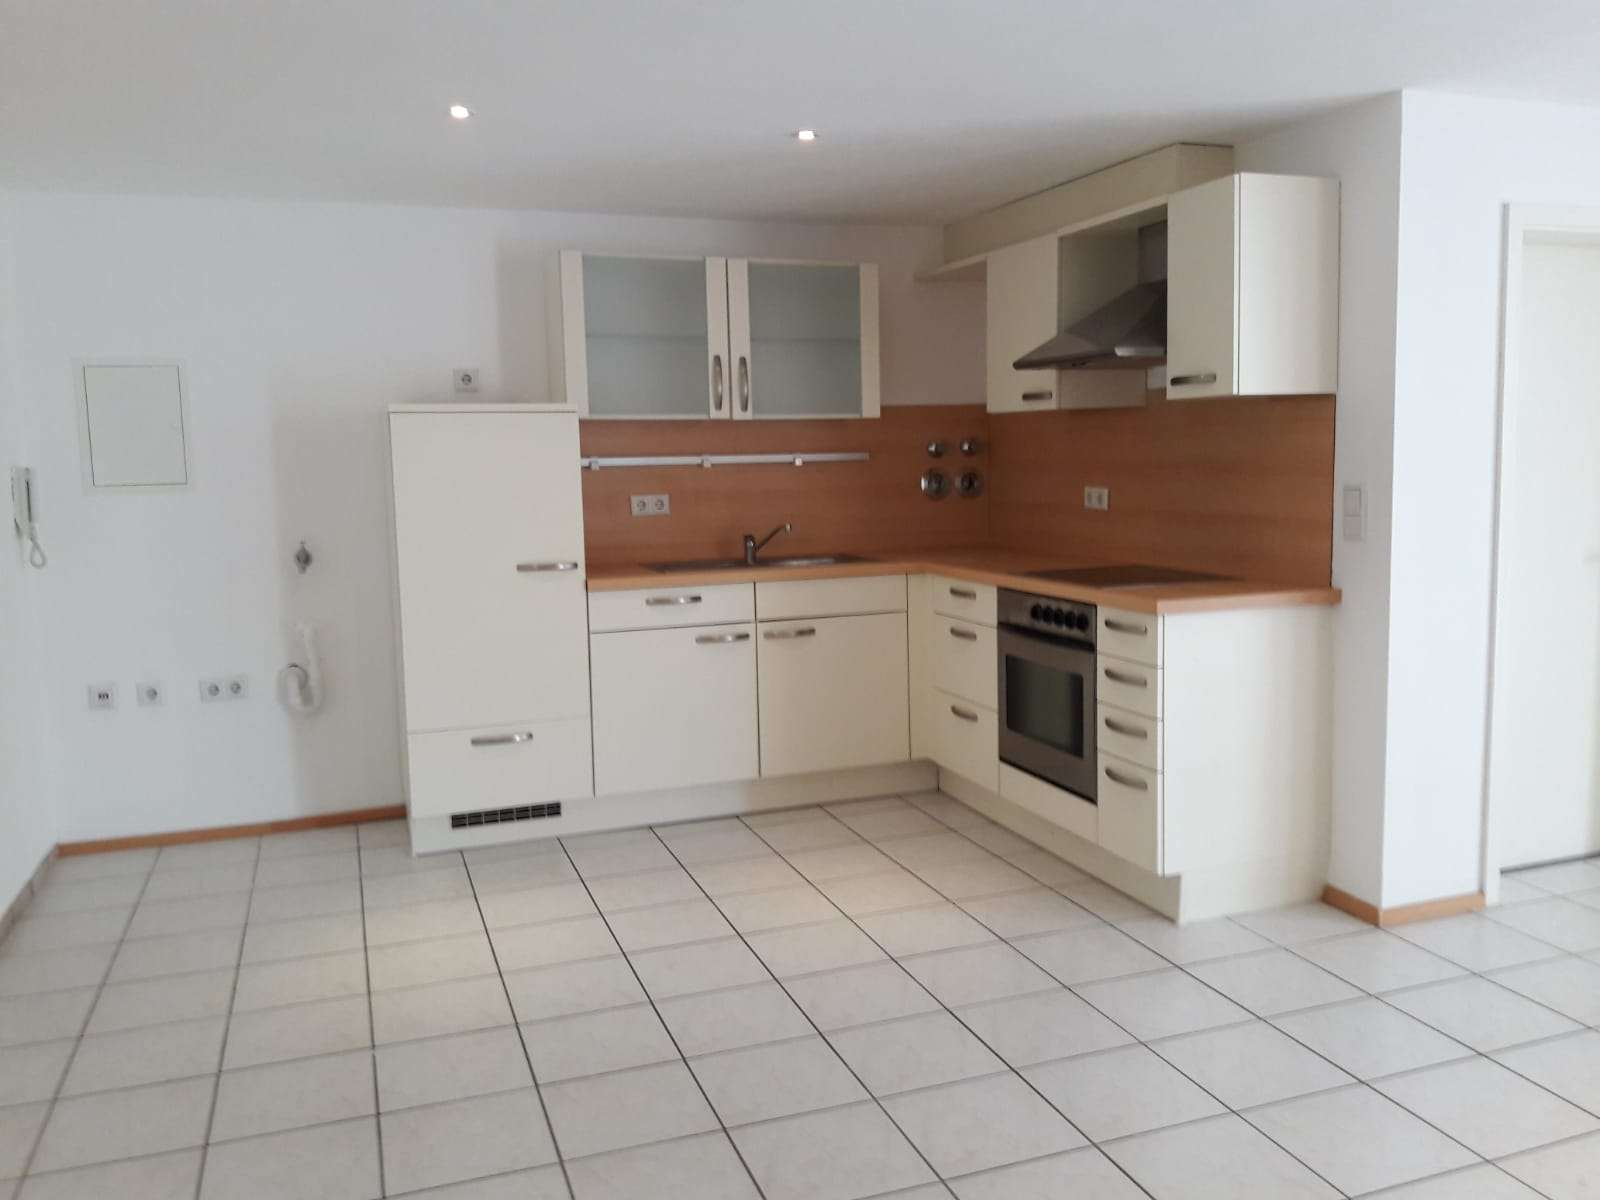 Schöne, geräumige zwei Zimmer Wohnung mit Wintergarten in Ingolstadt, Südost in Südost (Ingolstadt)